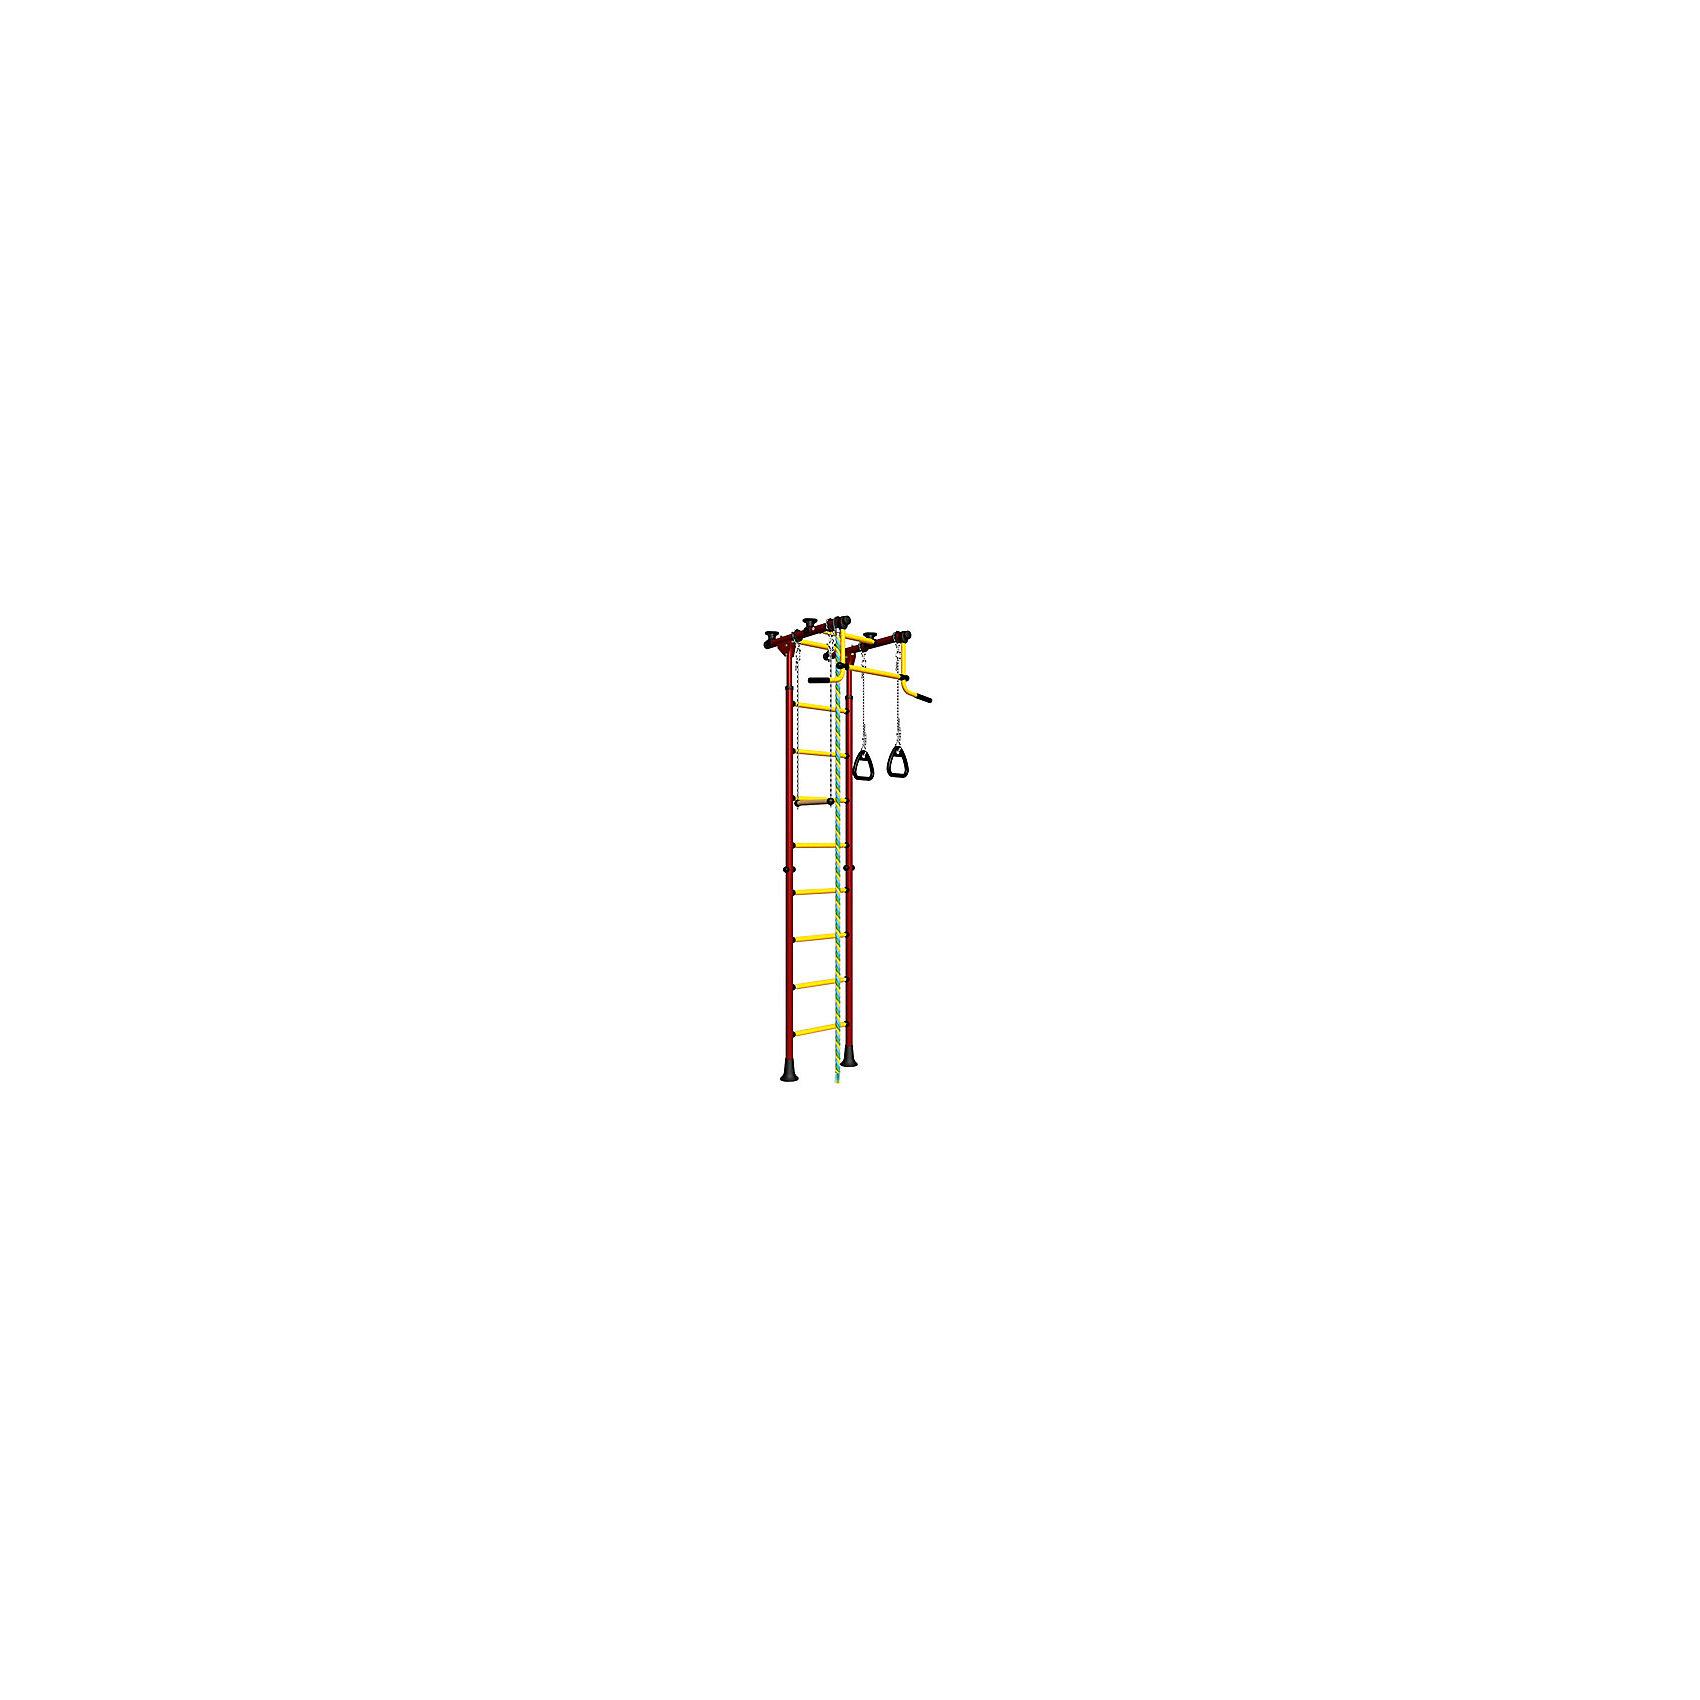 Шведская стенка Комета-2, ROMANA, красный-желтыйКомета-2, ROMANA, красный-желтый<br><br>Характеристики:<br><br>• Высота: 2,18 м<br>• Цвет: красный, желтый<br>• Допустимый вес: 100 кг<br>• Габариты: 86х94,5 см<br>• Материал: металл<br>• Возраст: от 3 лет<br>• Вес комплекса: 28 кг<br>• Высота стоек: 235-273 см<br>• Ширина ступенек: 49 см<br>• Ширина захвата турника: 84 см<br><br>Детский спортивный комплекс Комета-2 – поможет ребенку вырасти здоровым и крепким. Комплекс включает в себя турник, шведскую стенку, канат, подвесную перекладину и гимнастические кольца. Это все способствует развитию всех групп мышц. Выполнено все из качественного и прочного металла. Стенку легко установить враспор между потолком и полом, и не нужно сверлить стену. Турник не регулируется по высоте. Перекладины с анти-скользящим покрытием, ступени не охлаждаются.<br><br>Комета-2, ROMANA, красный-желтый можно купить в нашем интернет-магазине.<br><br>Ширина мм: 1160<br>Глубина мм: 535<br>Высота мм: 140<br>Вес г: 25000<br>Возраст от месяцев: 36<br>Возраст до месяцев: 192<br>Пол: Унисекс<br>Возраст: Детский<br>SKU: 4993365